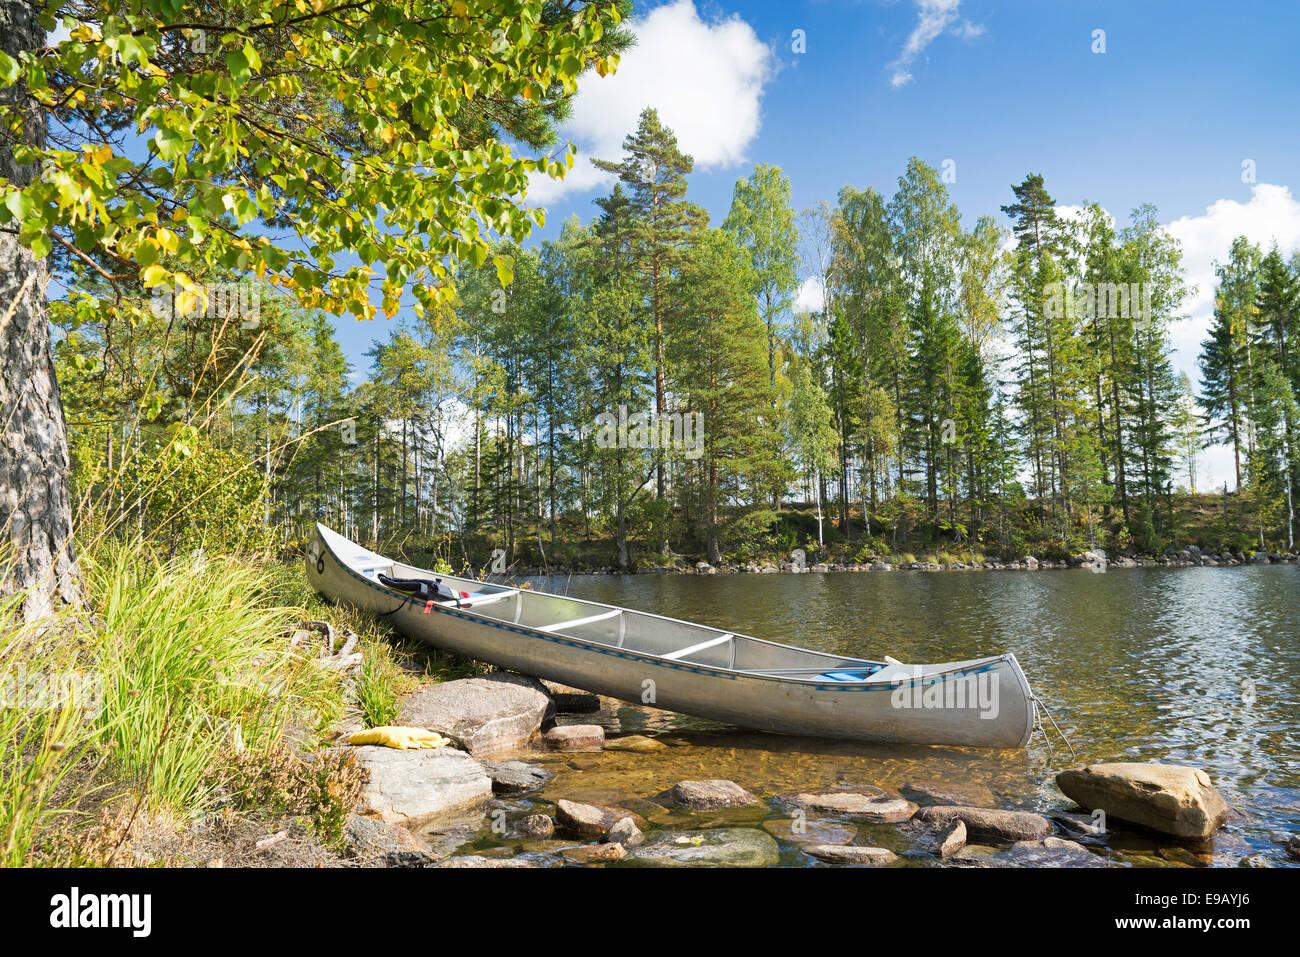 Canoe in the Glaskogen nature reserve, Övre Gla, Värmland, Sweden - Stock Image